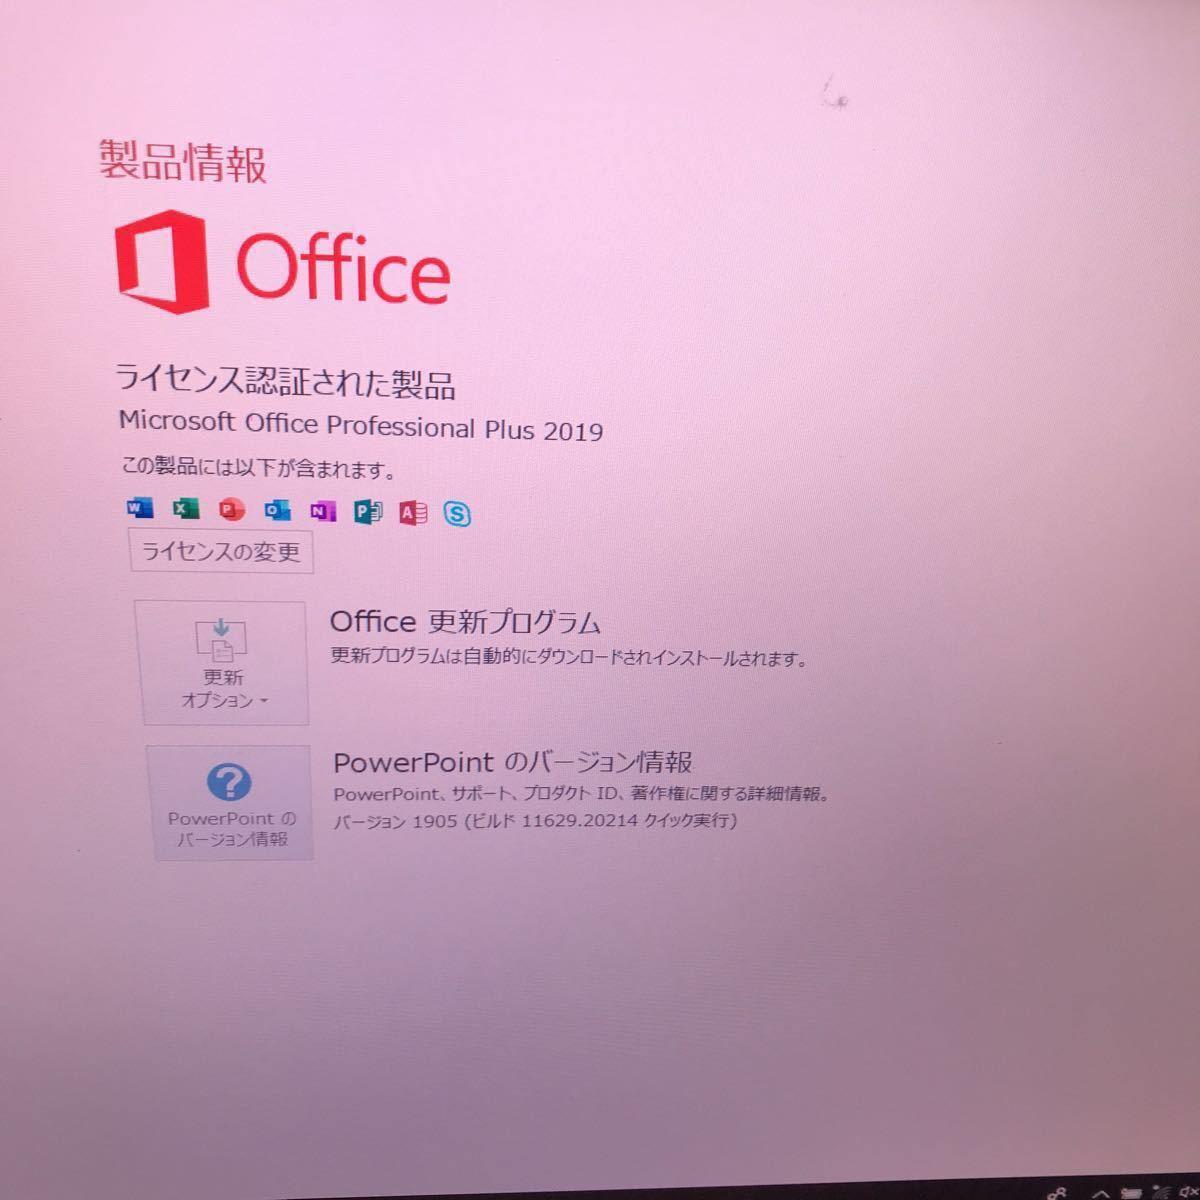 1円スタート! お手頃価格!高性能ゲーミングノートpc i7-2670QM 8GB 新品SSD500GB GT630m 1GB FullHD wi-fi使用可 MS Office 2019付き_画像2